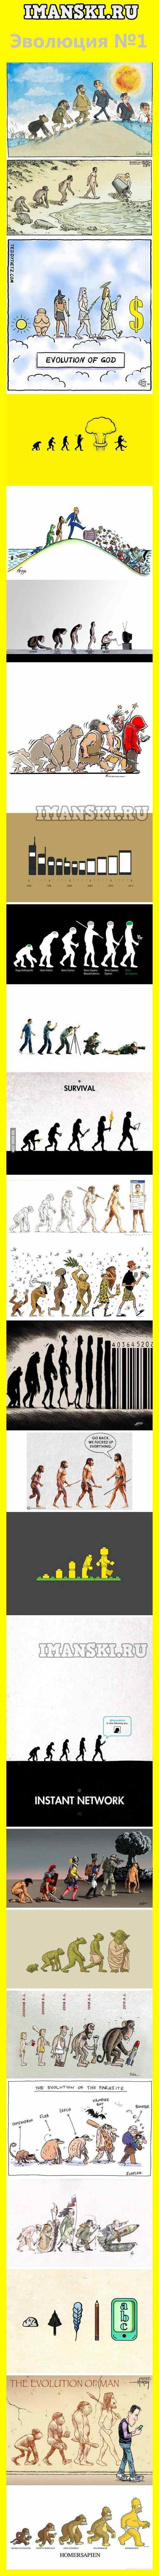 карикатуры на эволюция человека